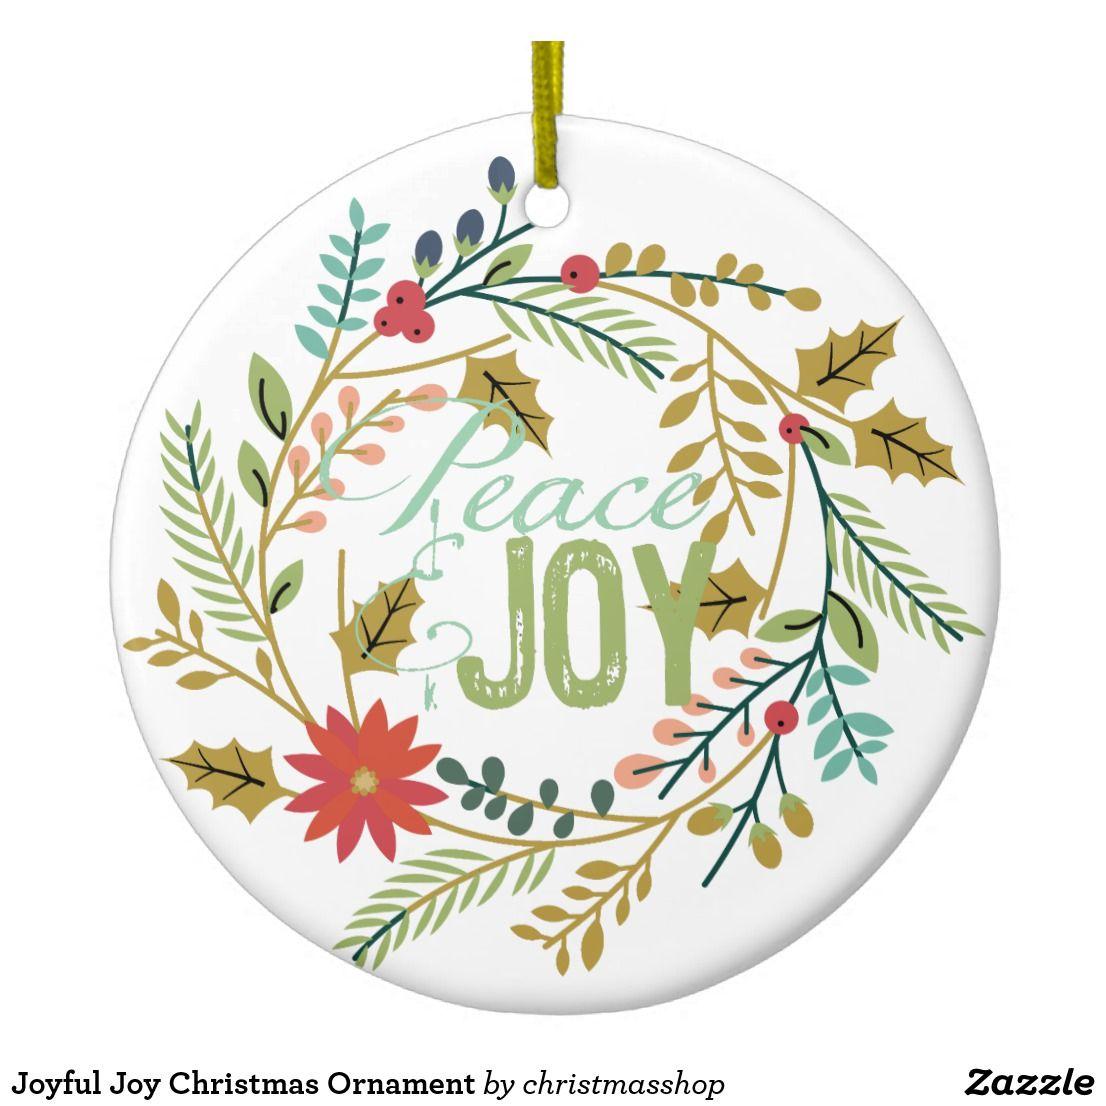 Joyful Joy Christmas Ornament